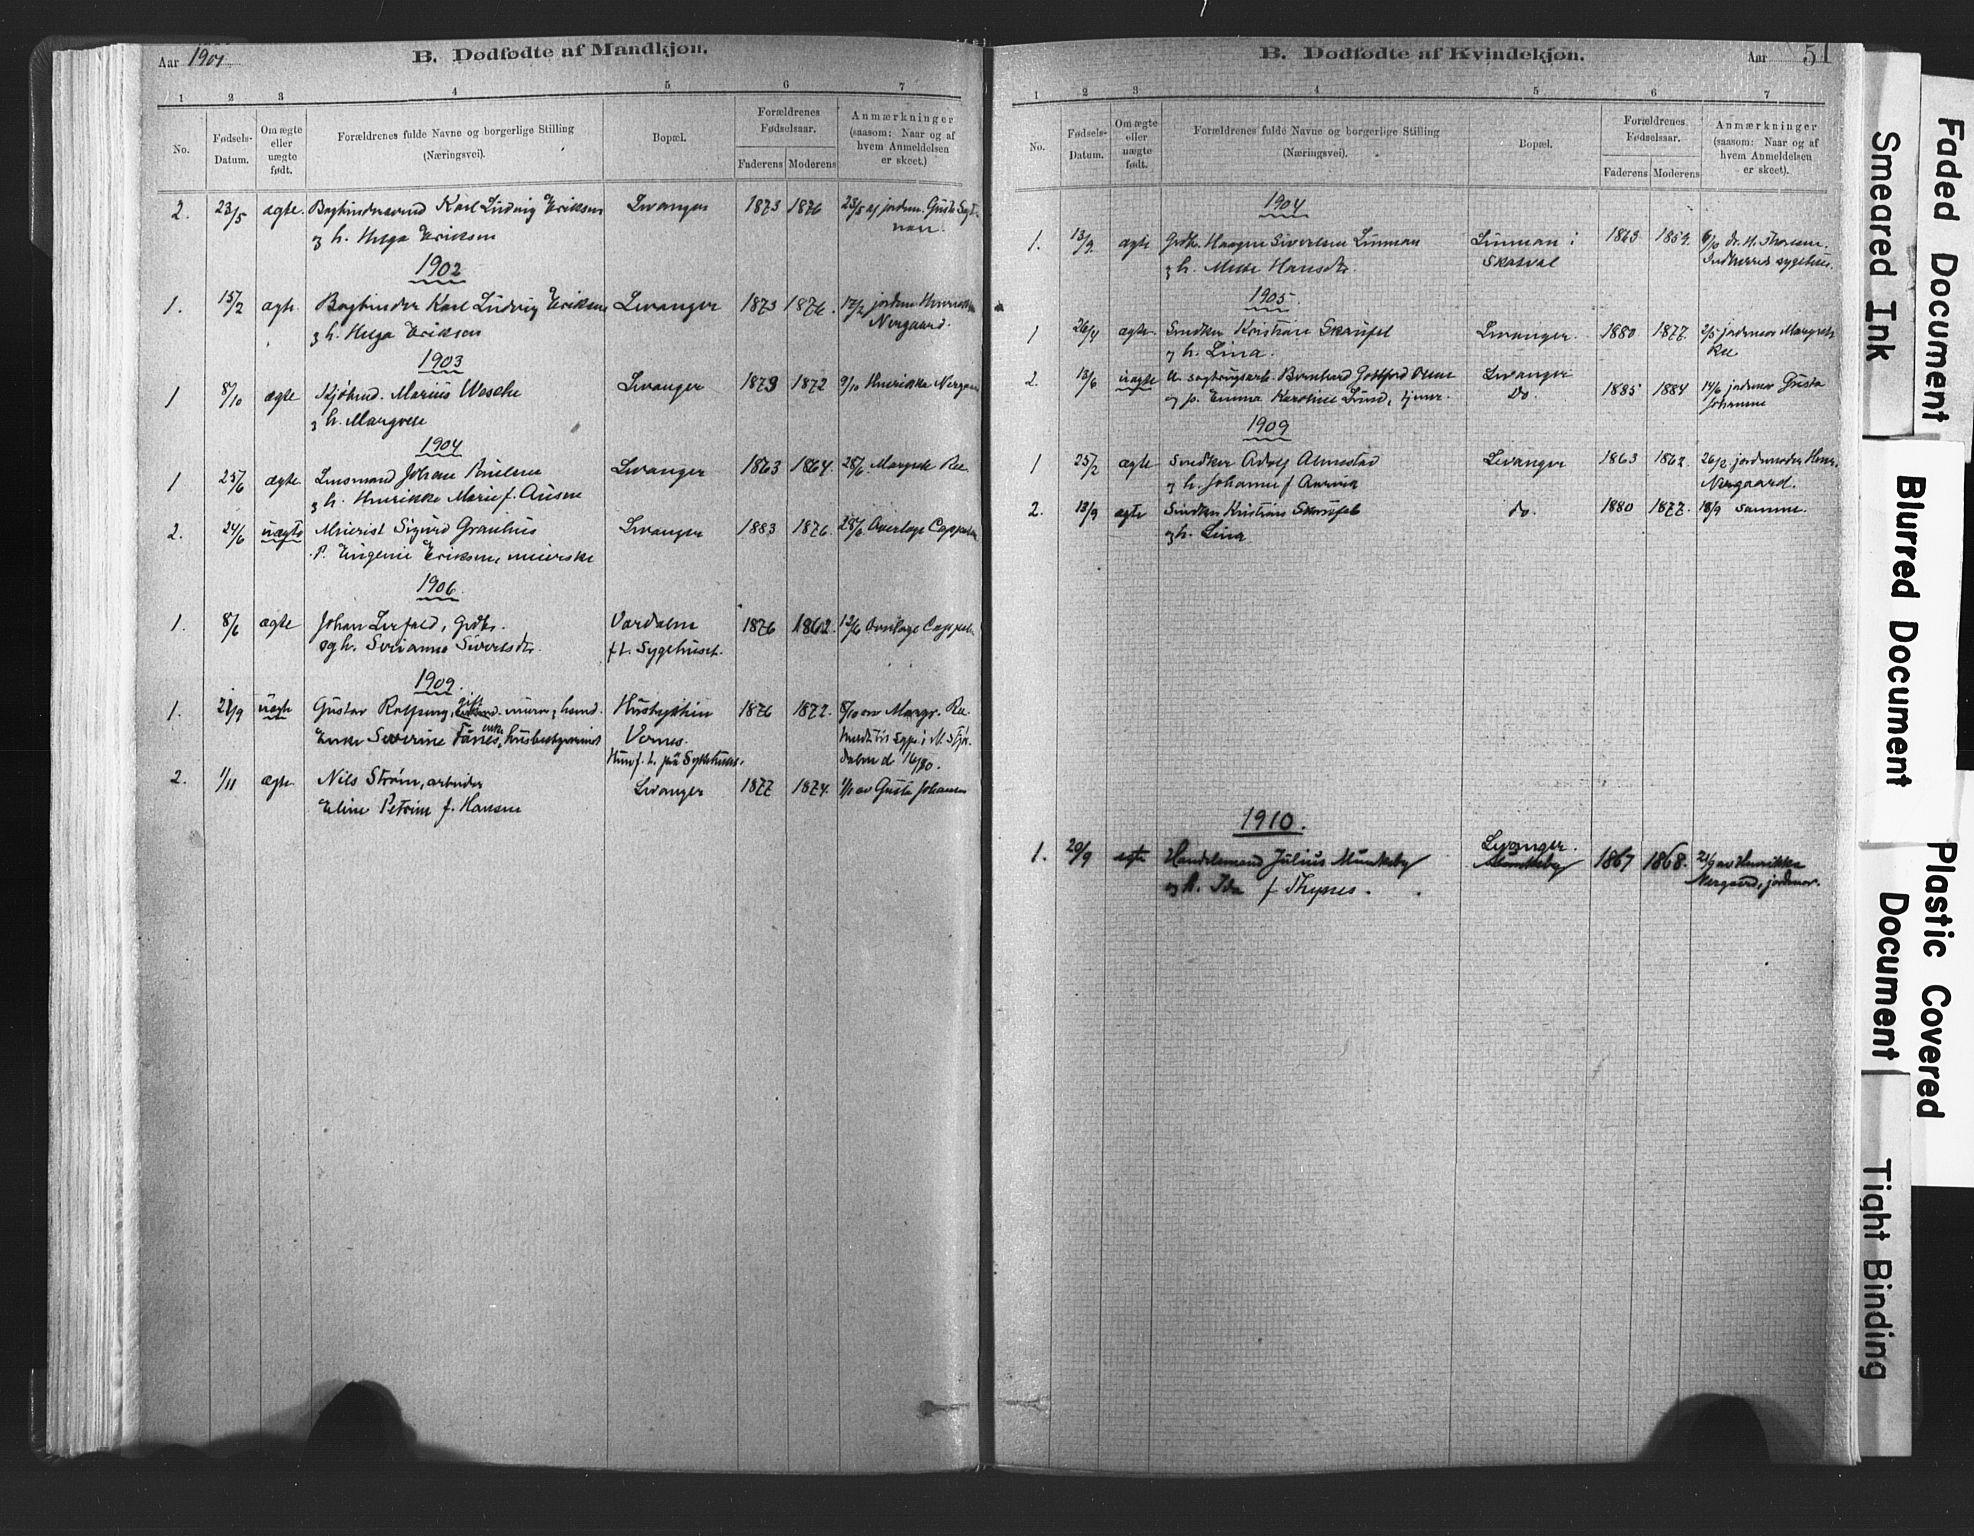 SAT, Ministerialprotokoller, klokkerbøker og fødselsregistre - Nord-Trøndelag, 720/L0189: Ministerialbok nr. 720A05, 1880-1911, s. 51